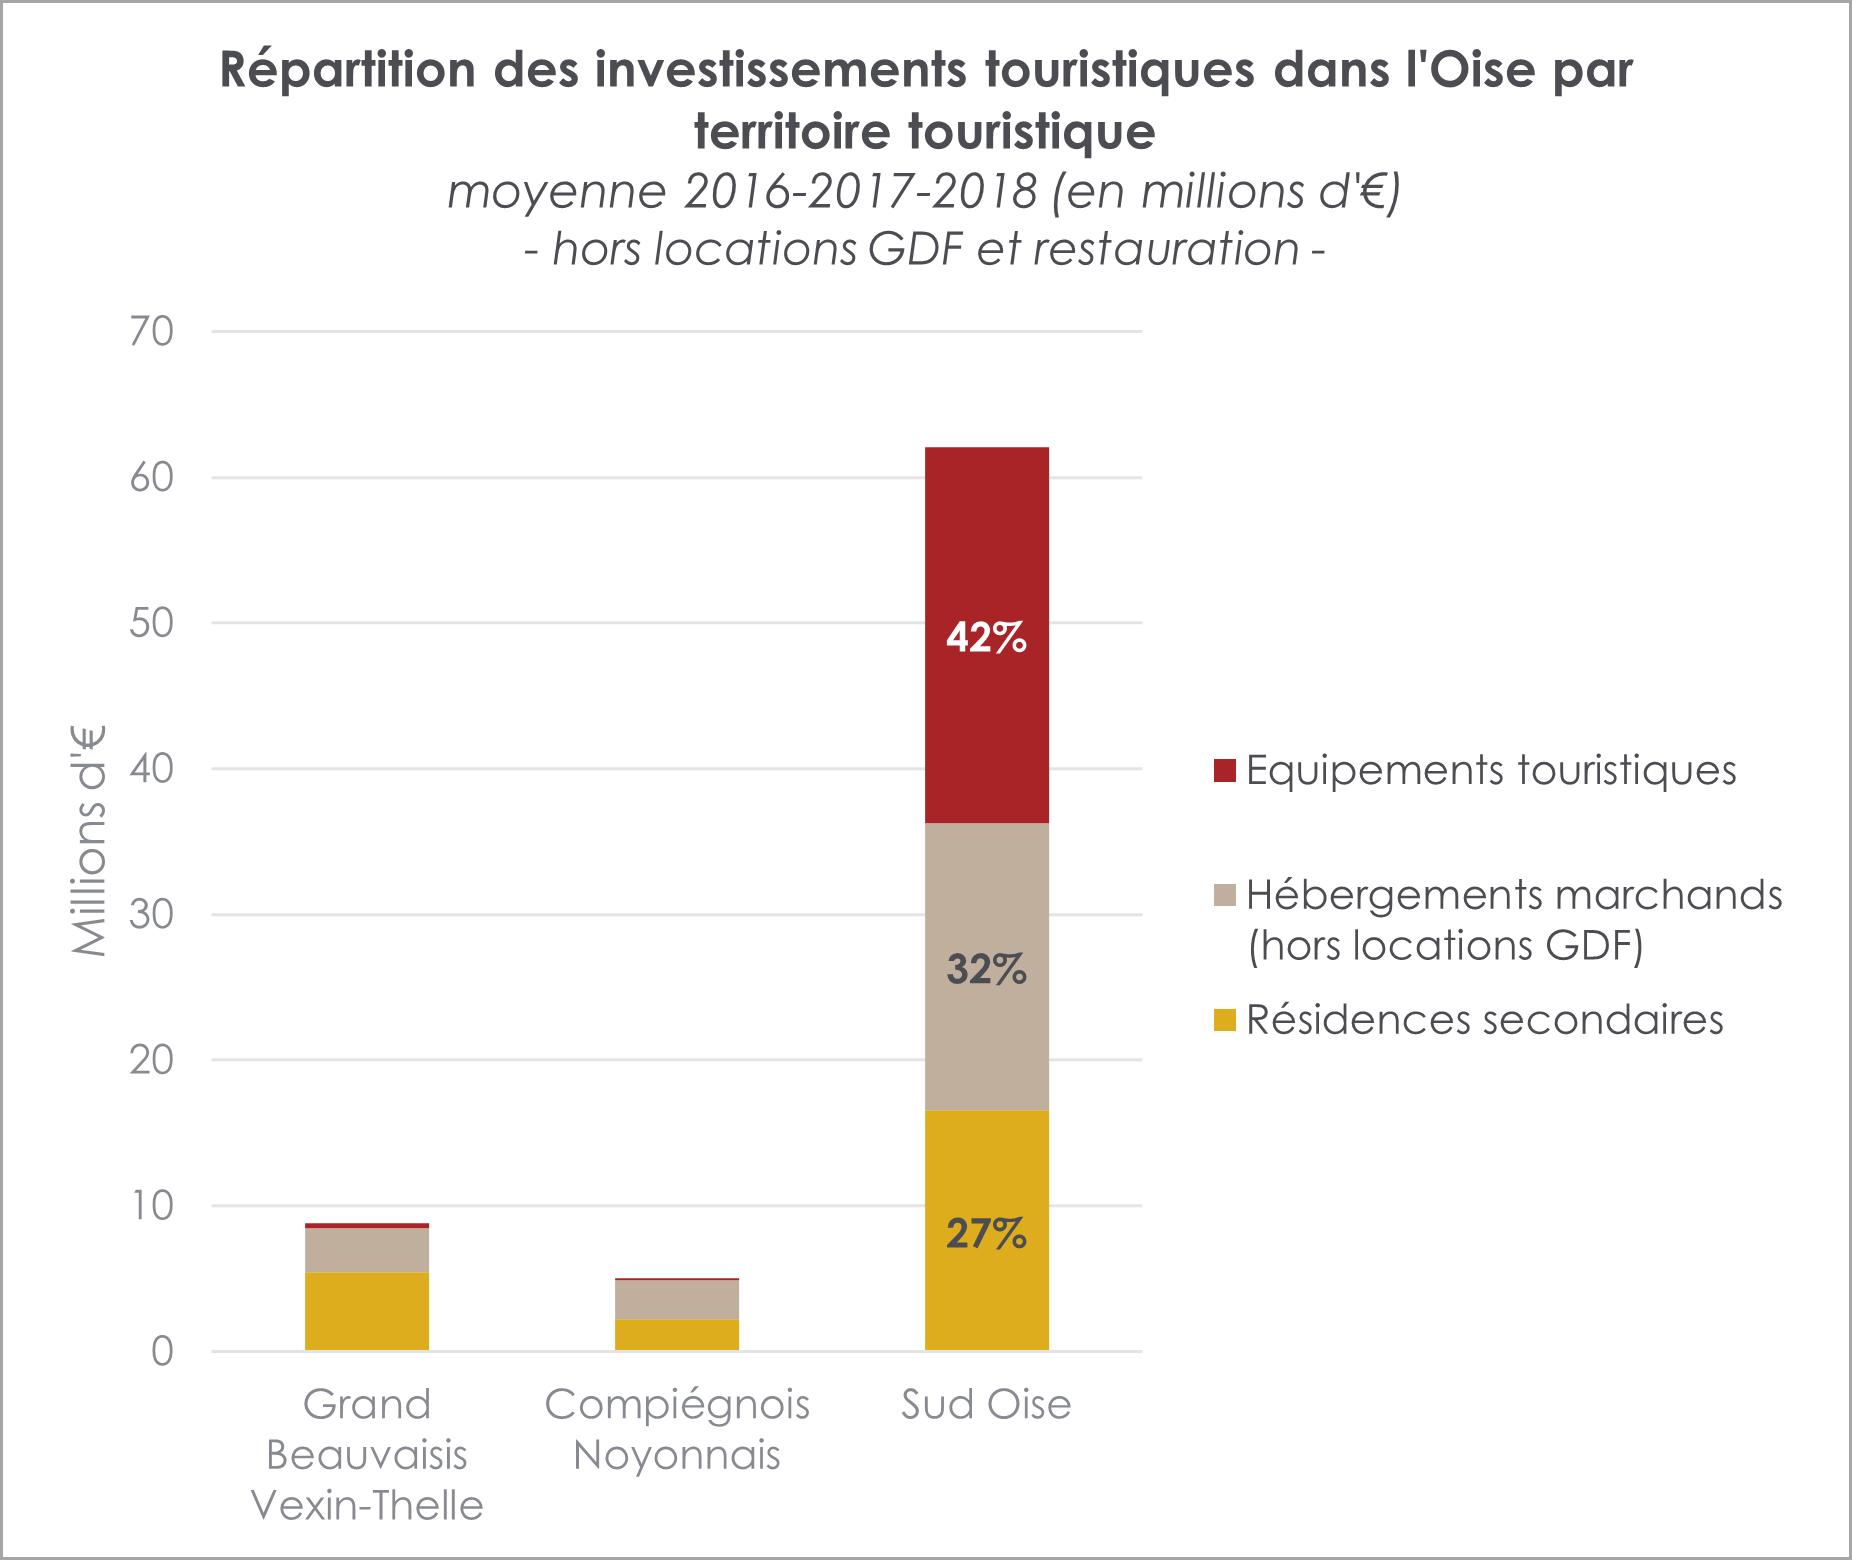 repartition-investissements-touristiques-par-territoire-oise-tourisme